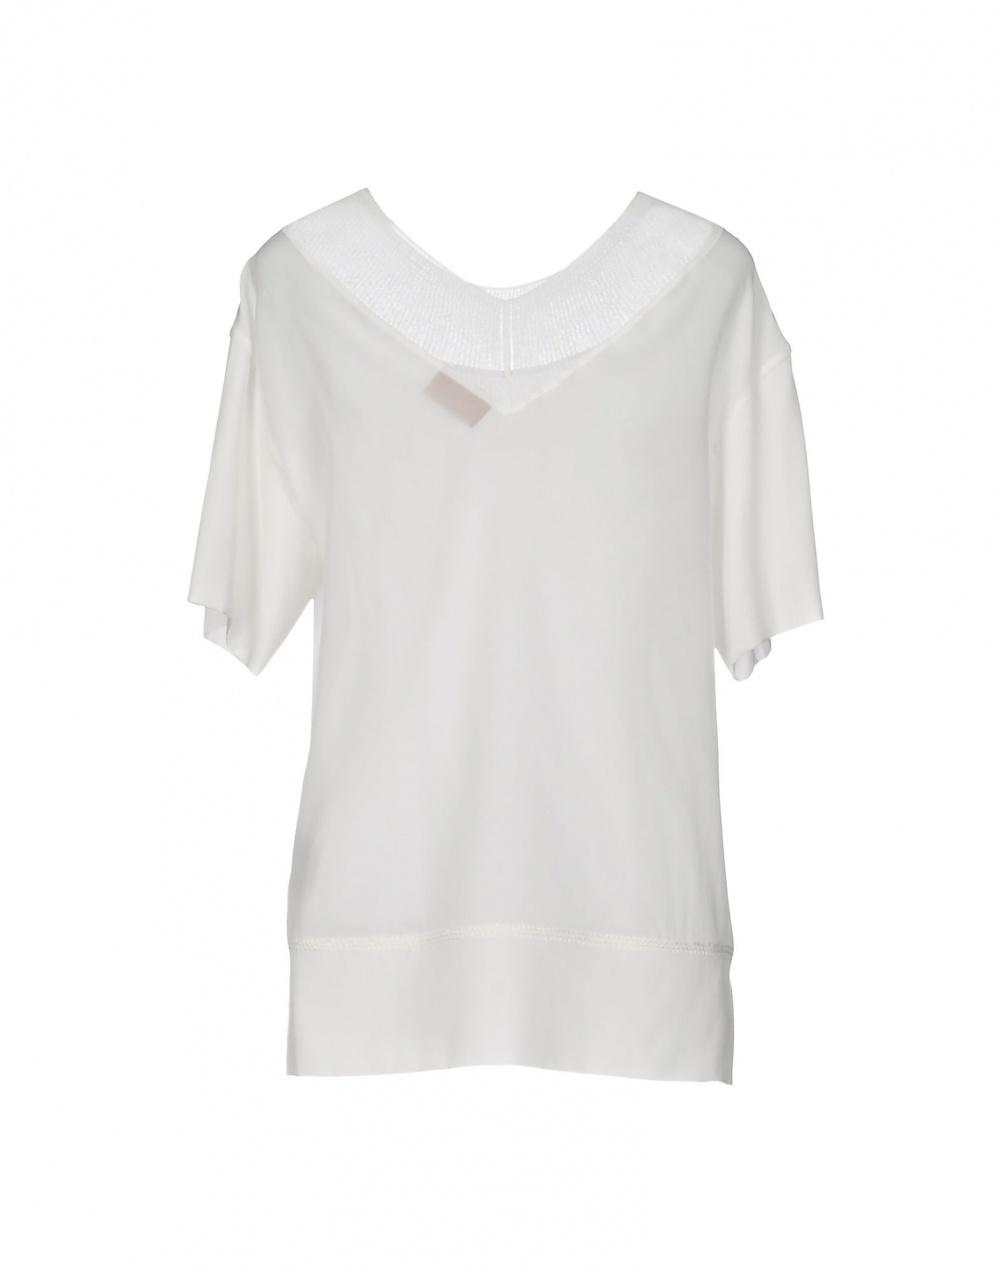 Шелковая блузка MISSONI, 48 (Российский размер) дизайнер:46 (IT). Белая